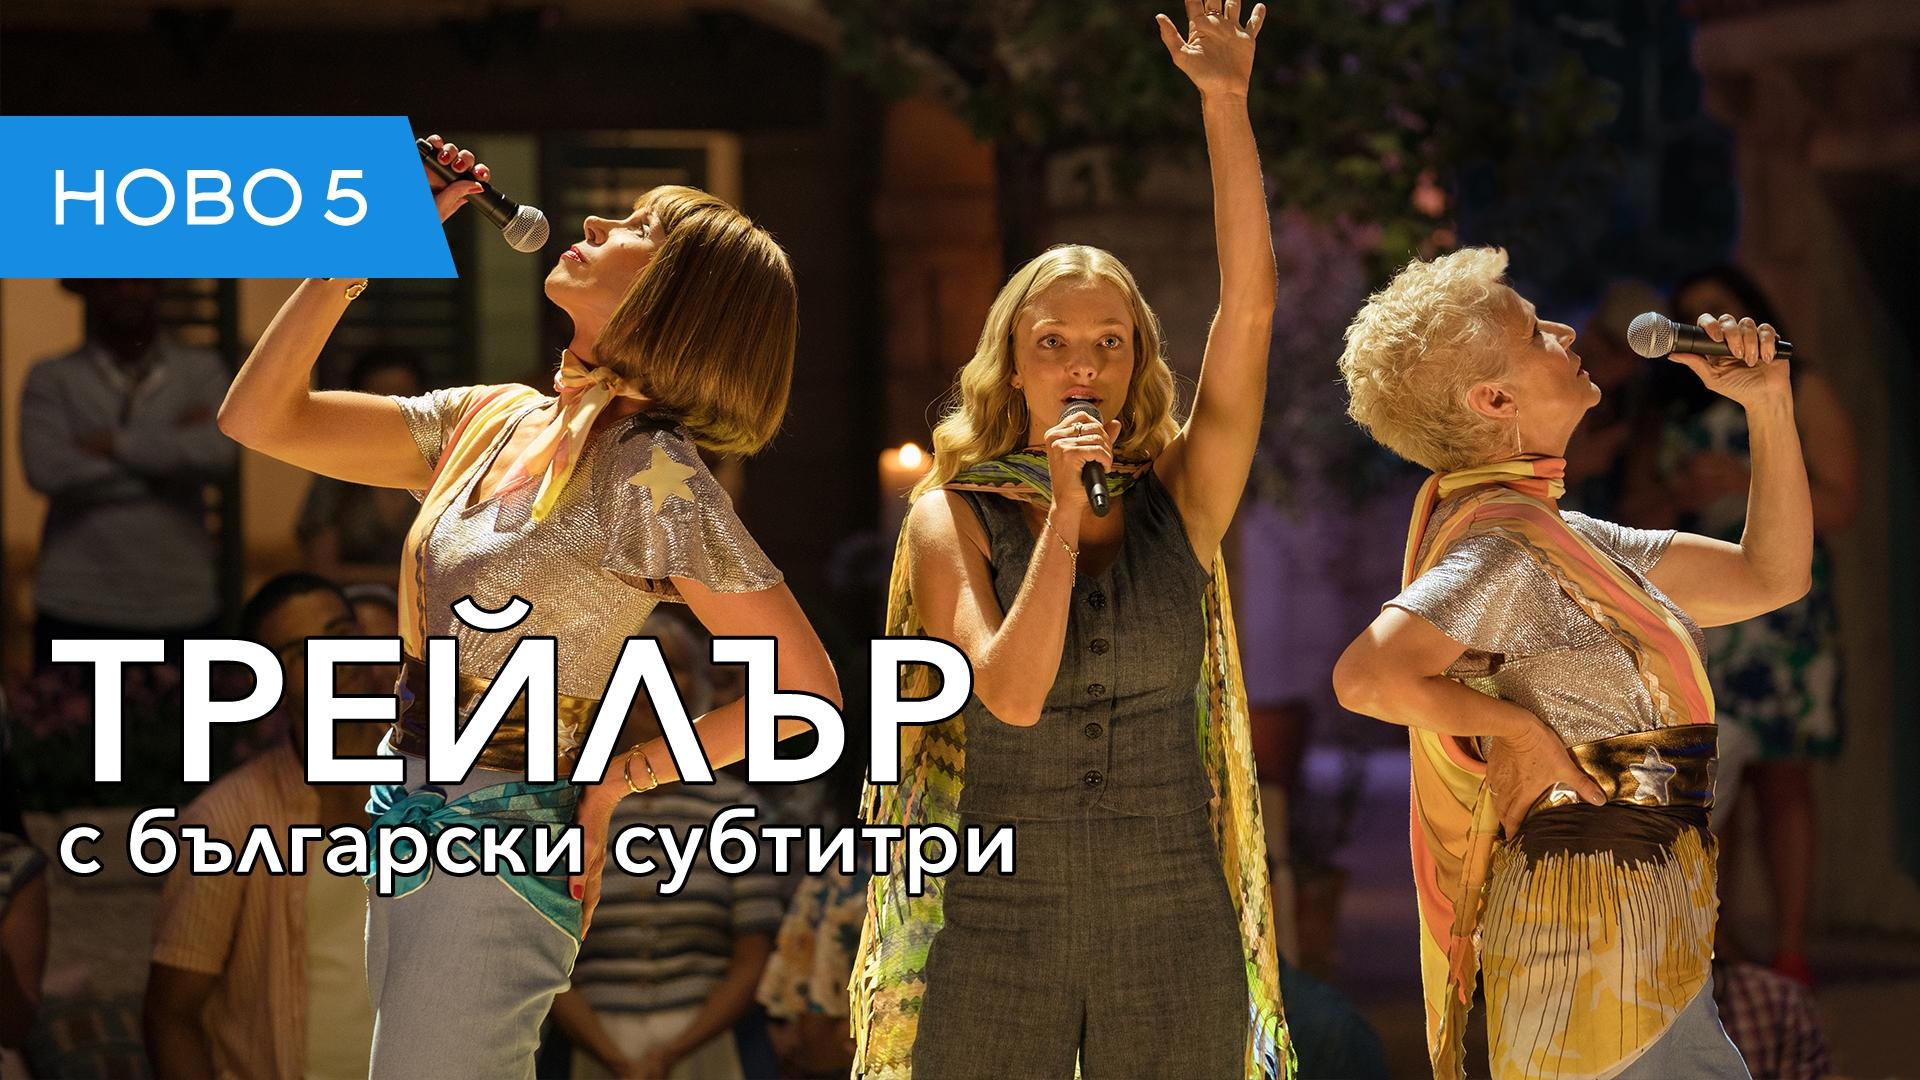 Mamma Mia: Отново заедно (2018) втори трейлър с български субтитри